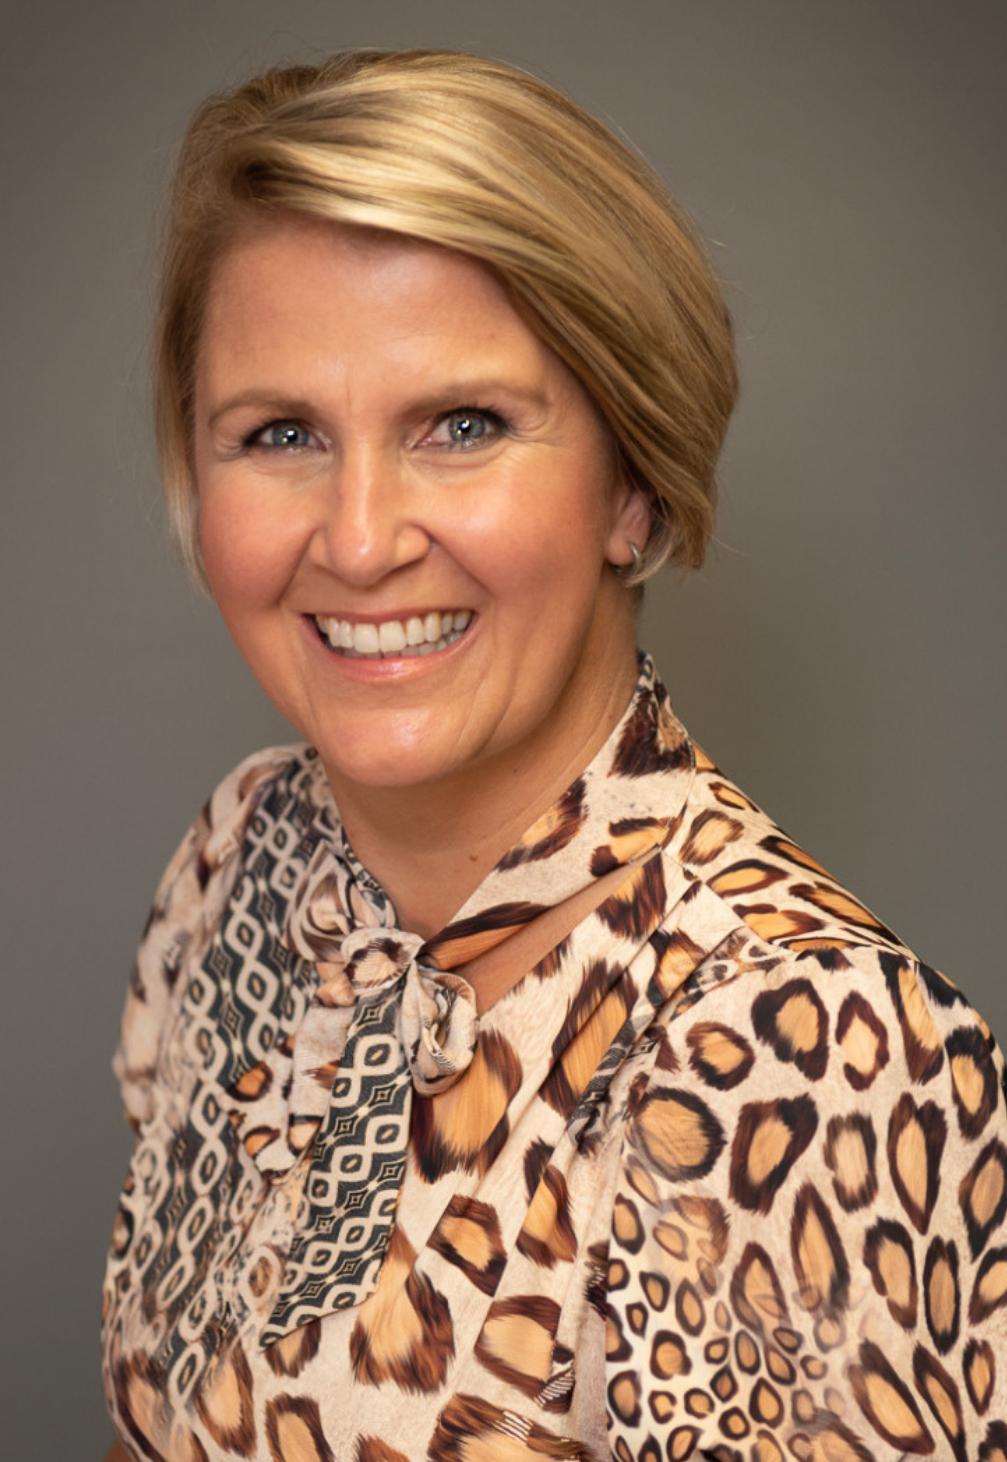 Persoonlijk reisadvideur Bernadette Dijkstra